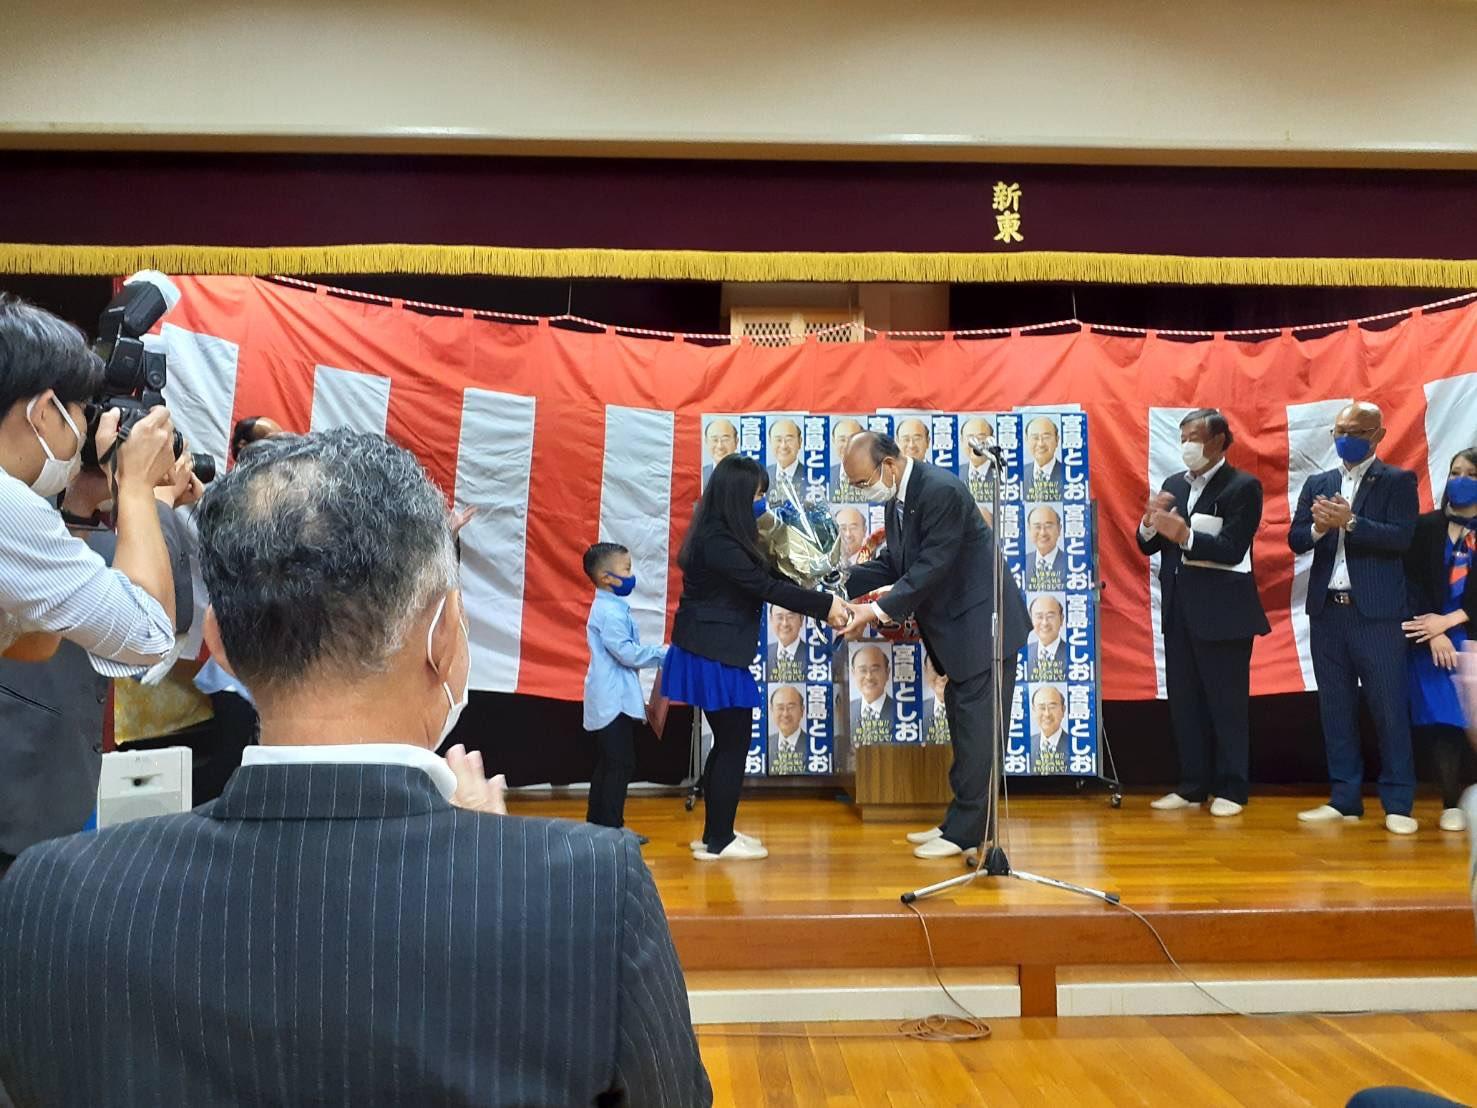 宮島としおさん知多市長選挙に当選